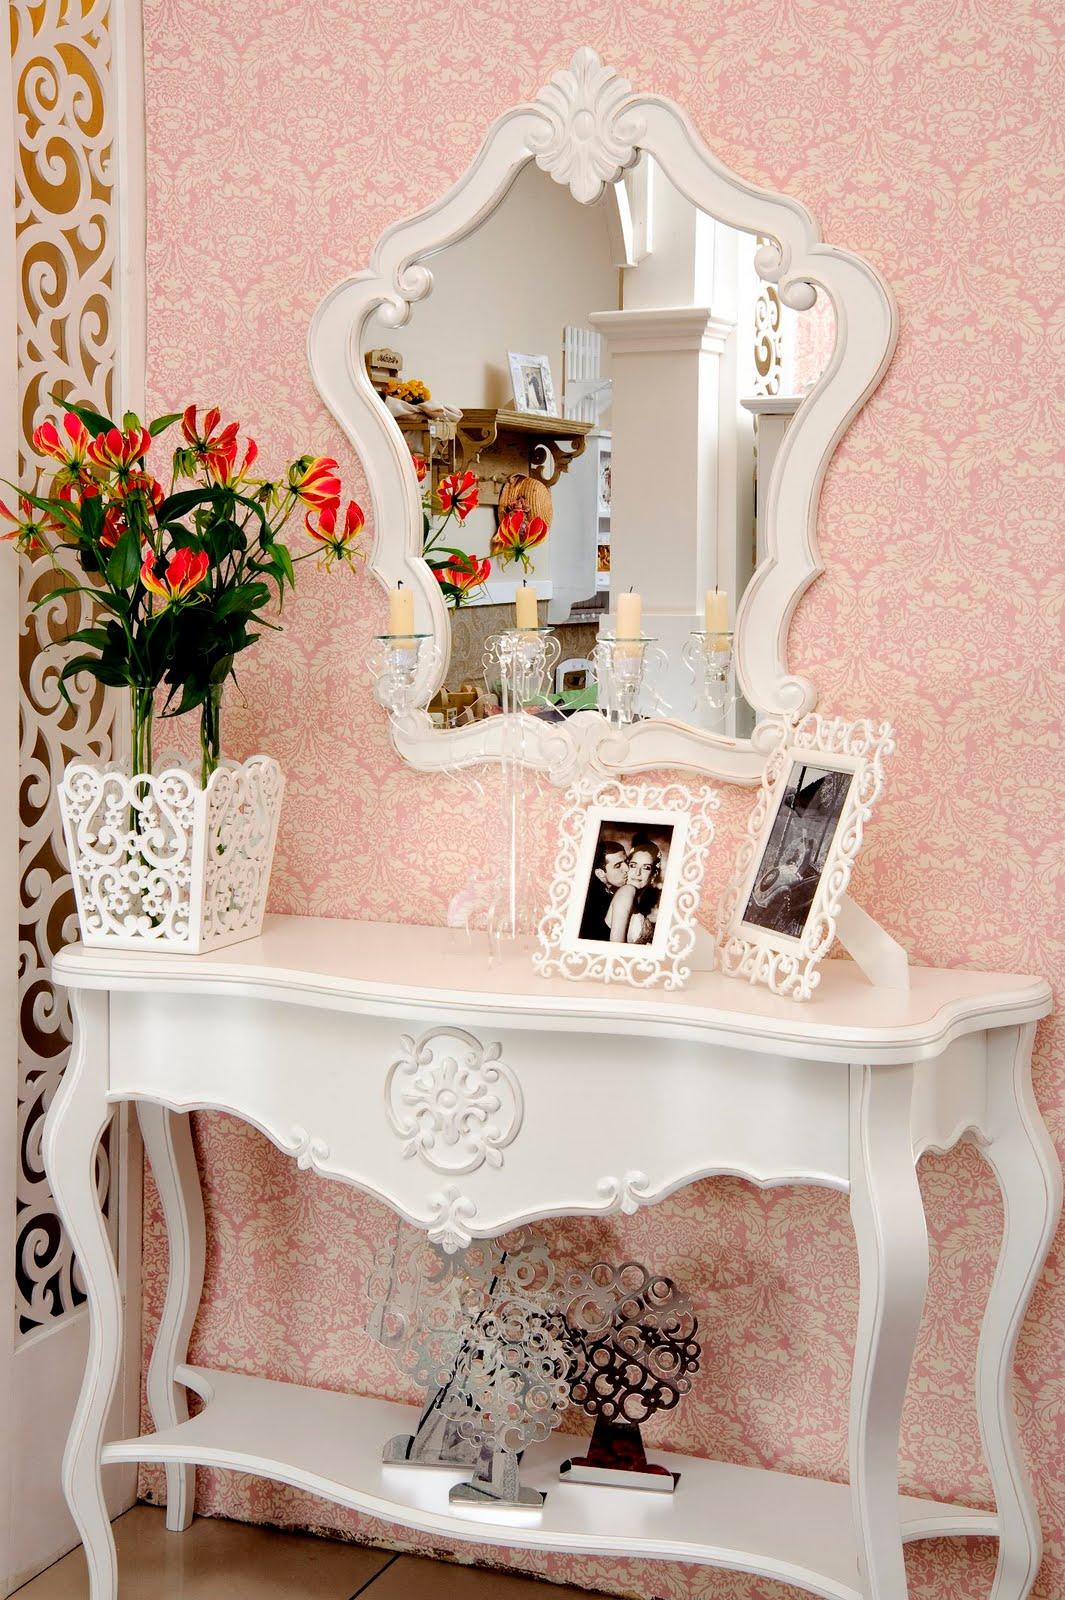 decoracao de interiores mistura de estilos : decoracao de interiores mistura de estilos:de plantas para deixar a parte elétrica do abajur em estado de